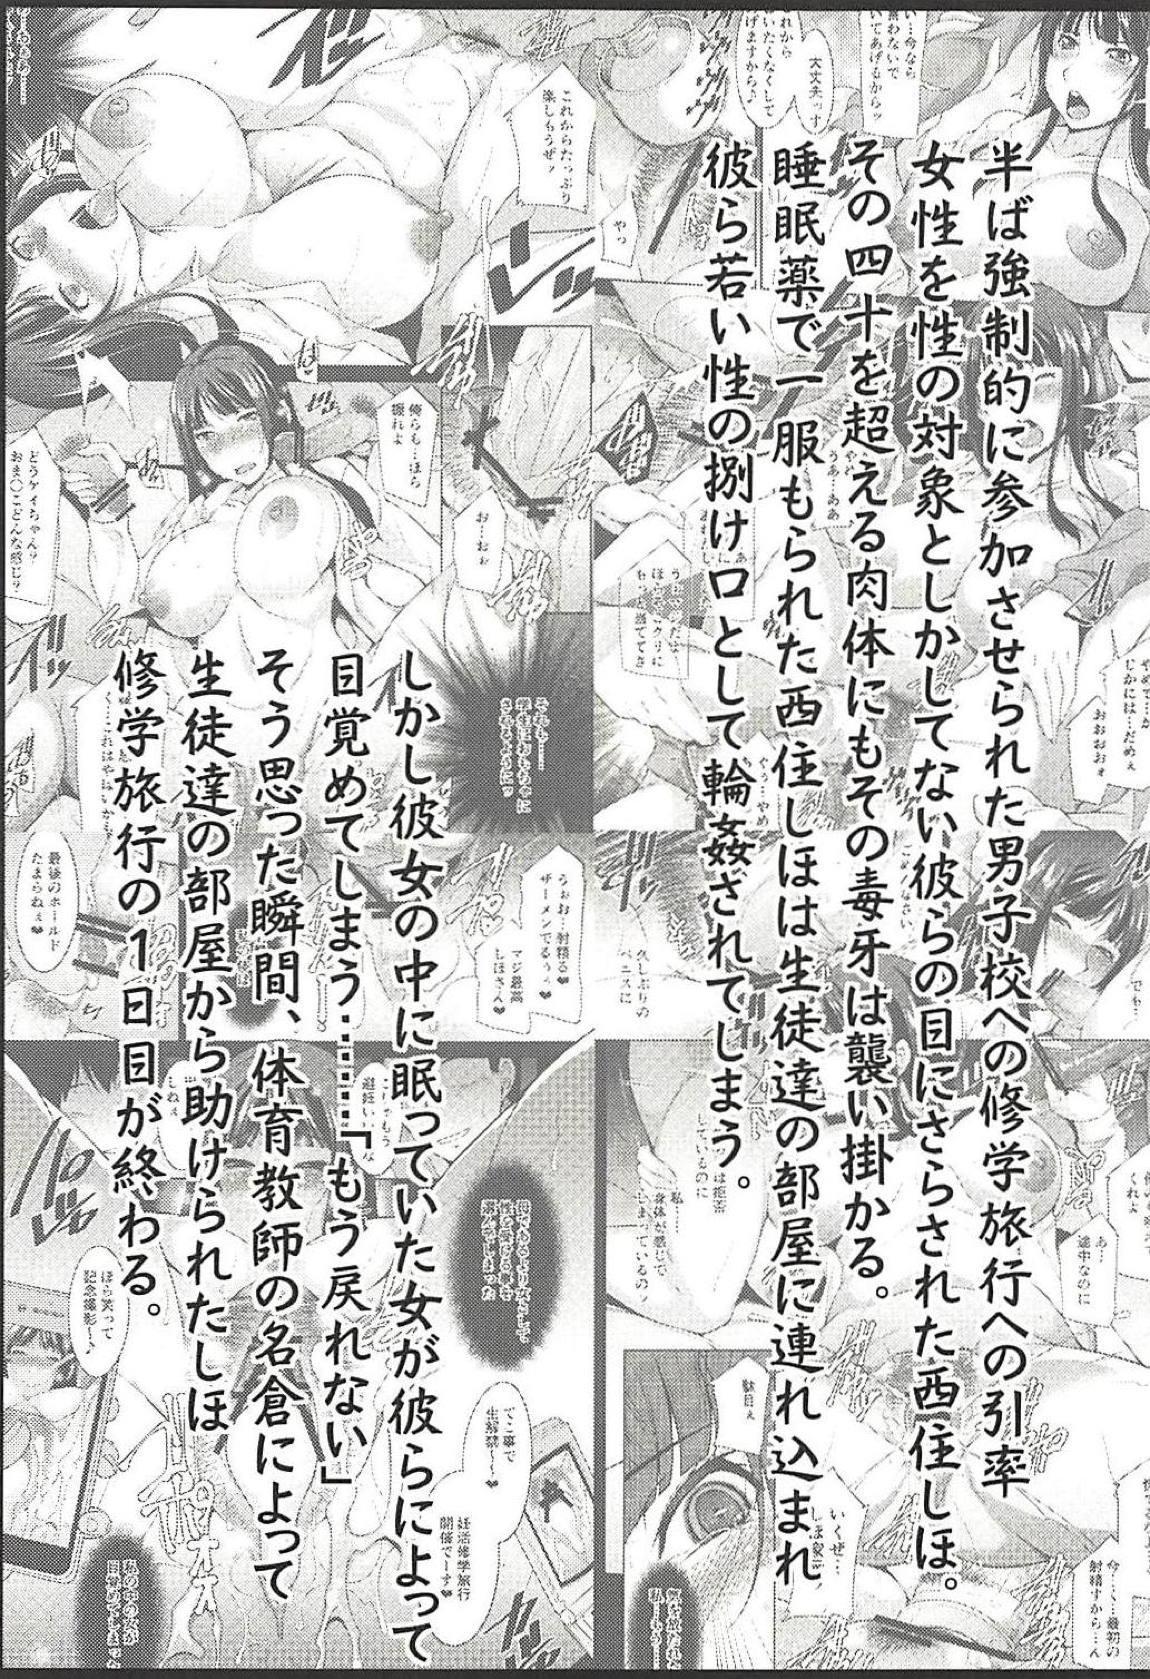 Nishizumi Shiho to Iku Kanin Shuugaku Ryokou Futsukame 1